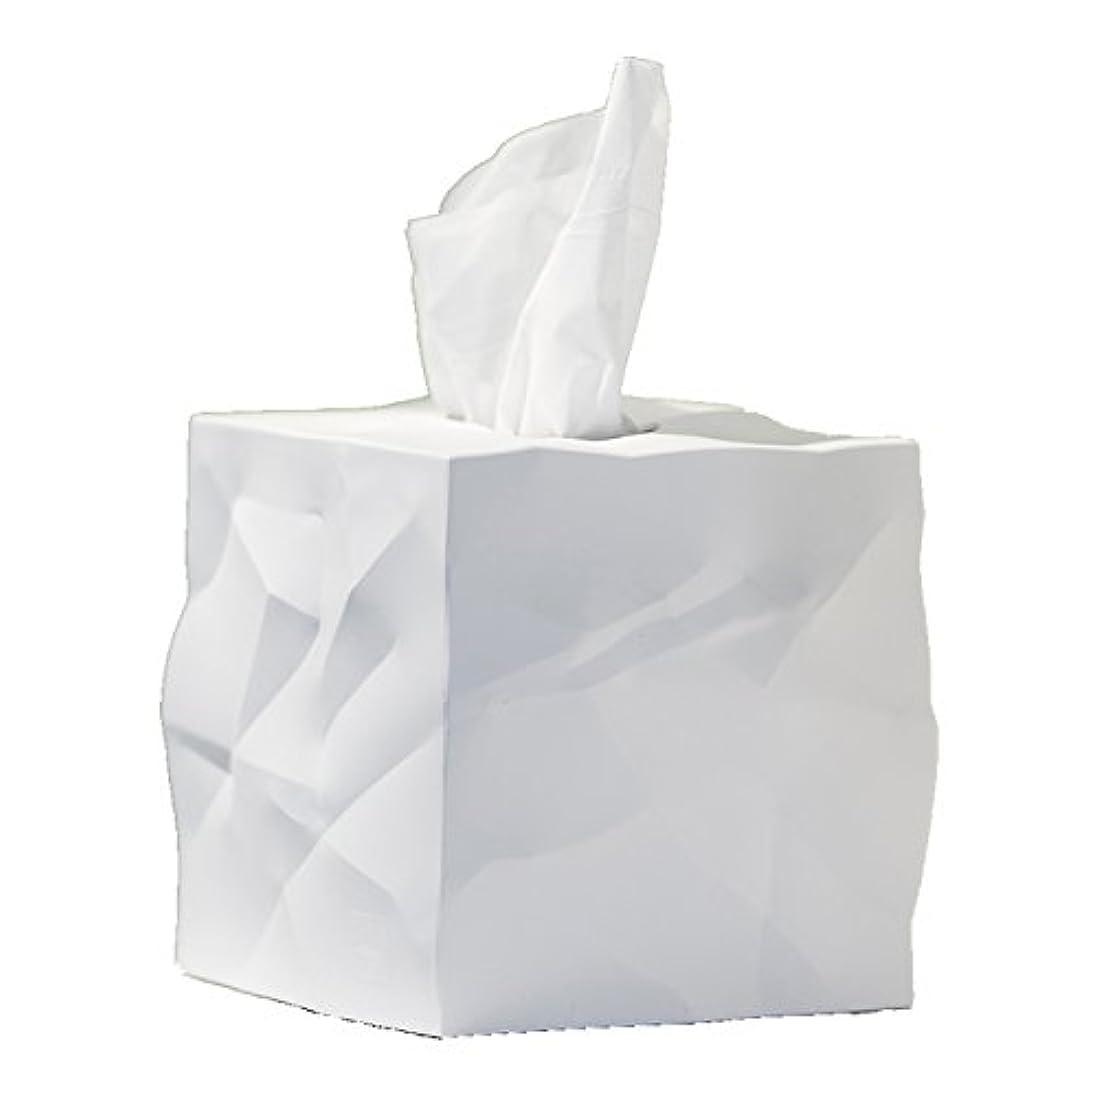 散逸葉を集めるトラブルessey Wipy Cube ティッシュボックスカバー (ホワイト)